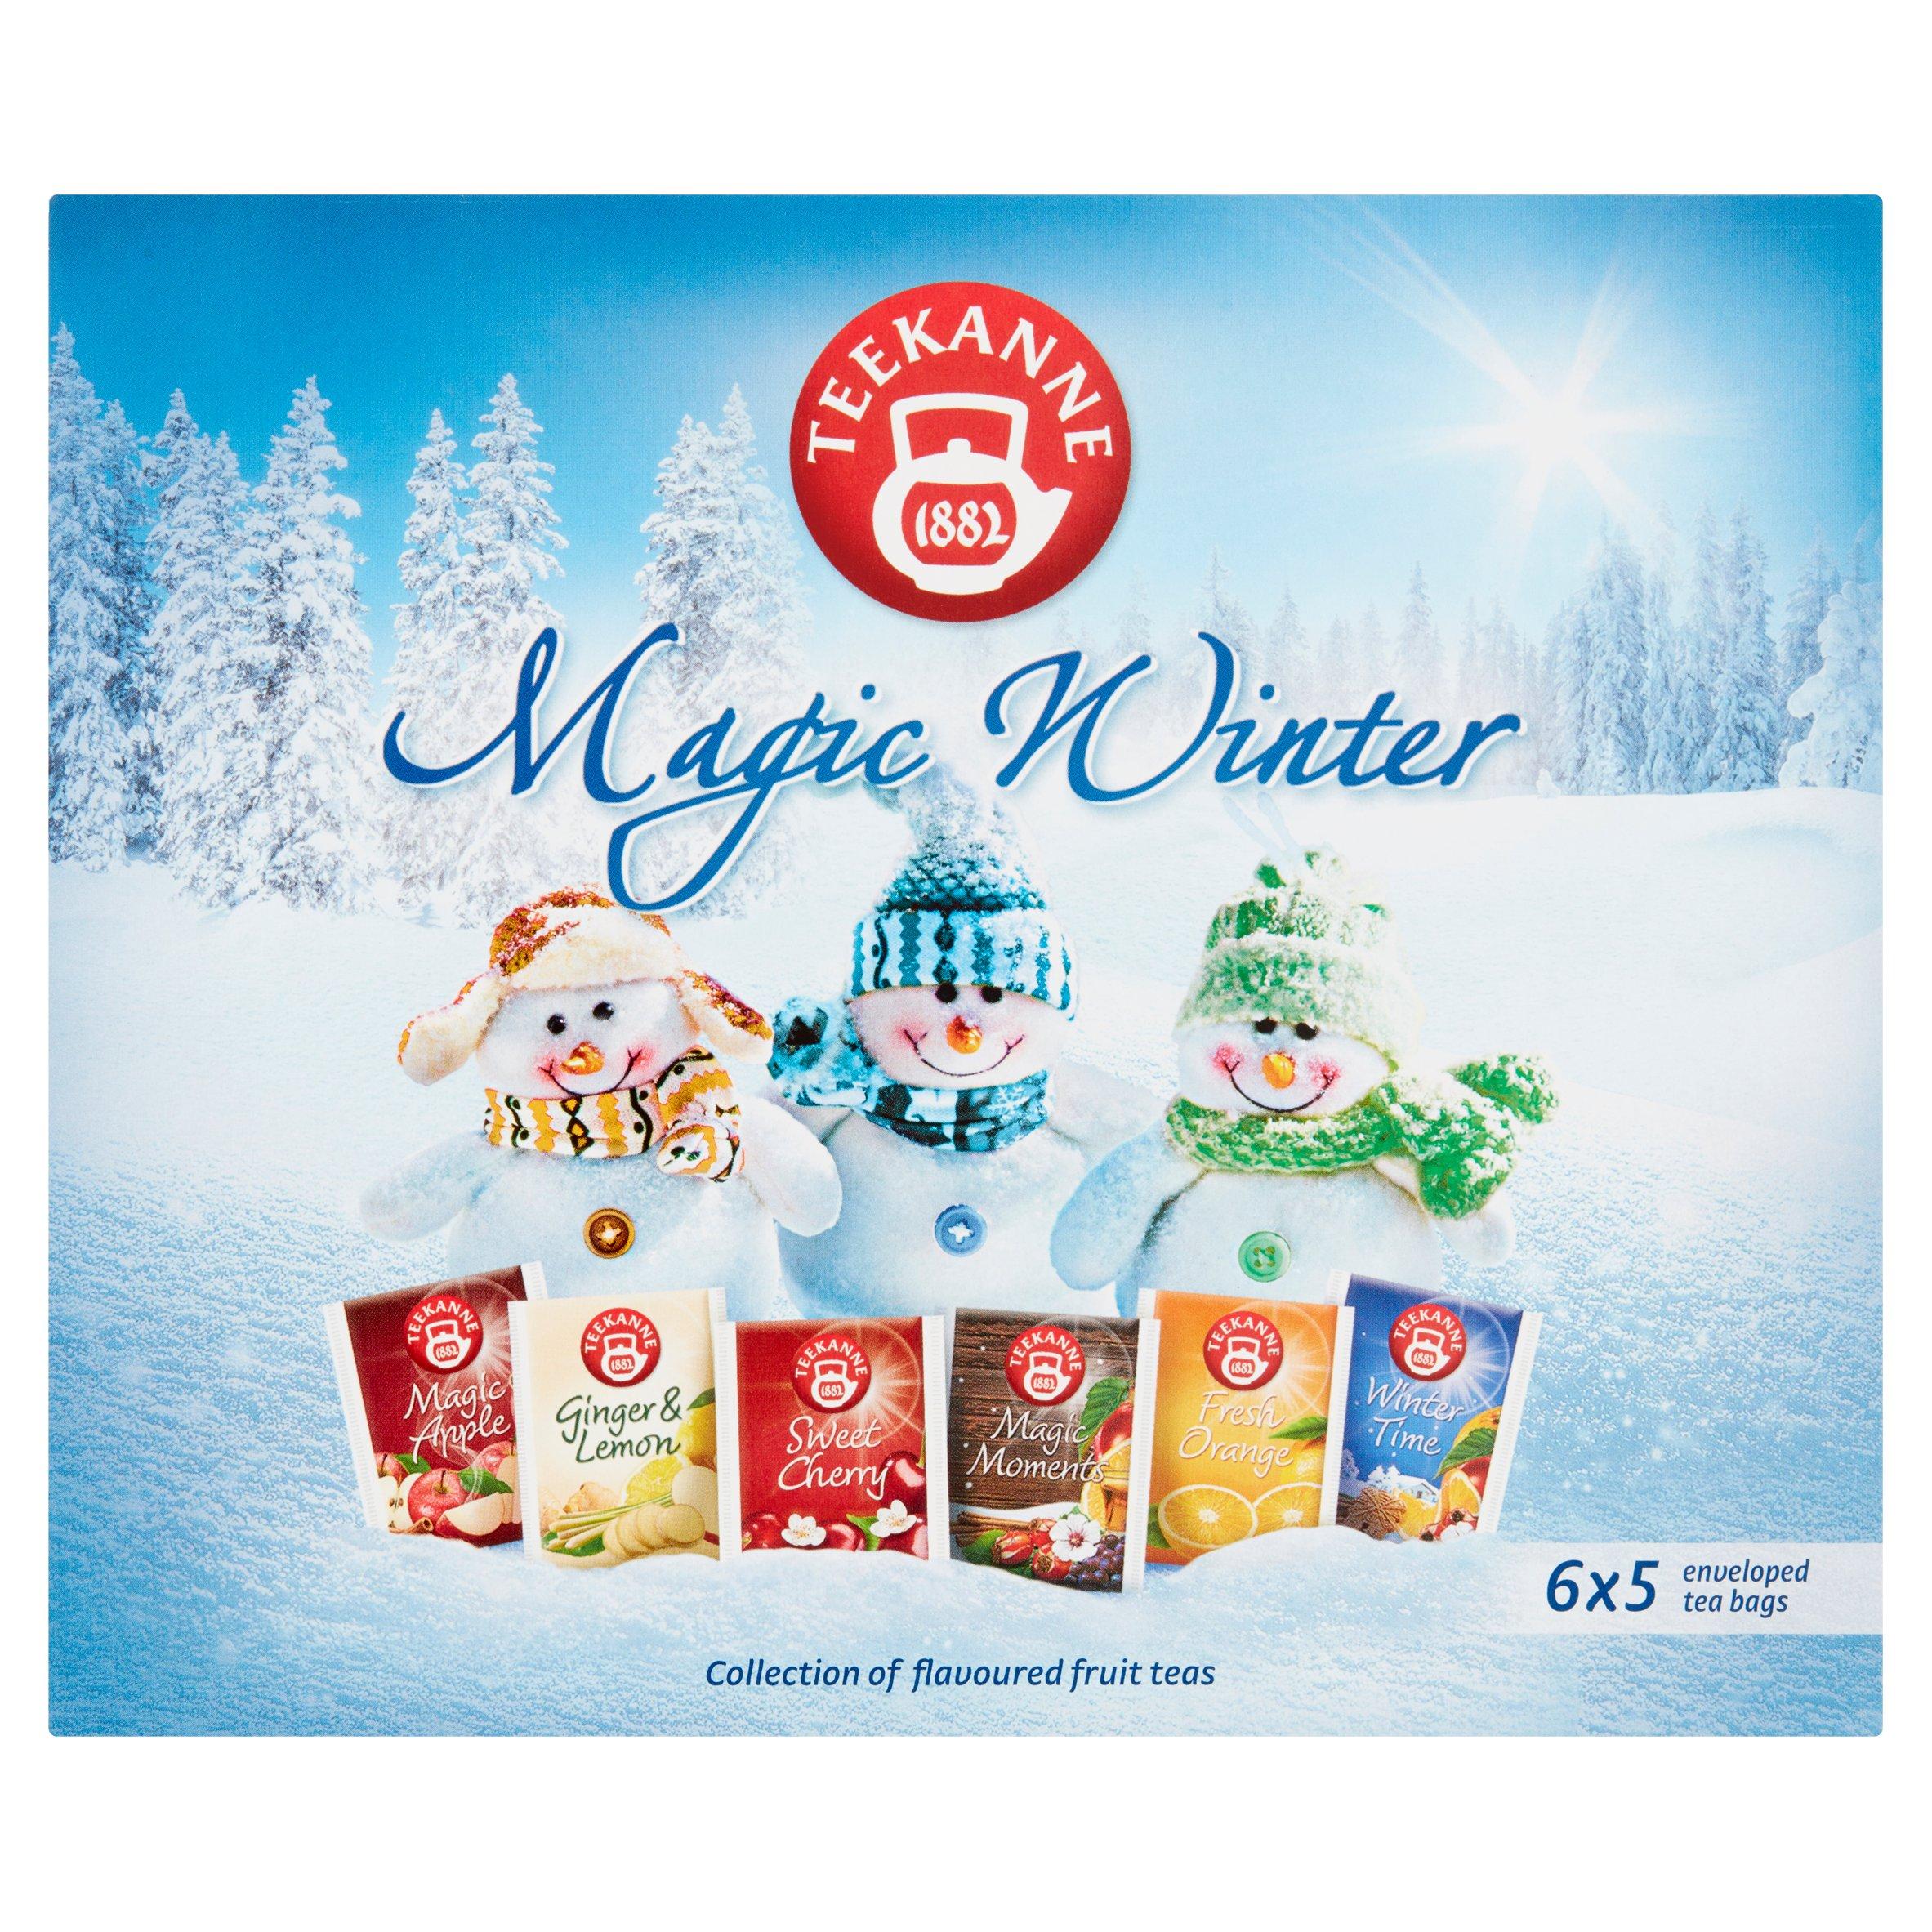 Teekanne Magic Winter Aromatyzowana mieszanka herbatek 68,75g (6 x 5 tor) (4)